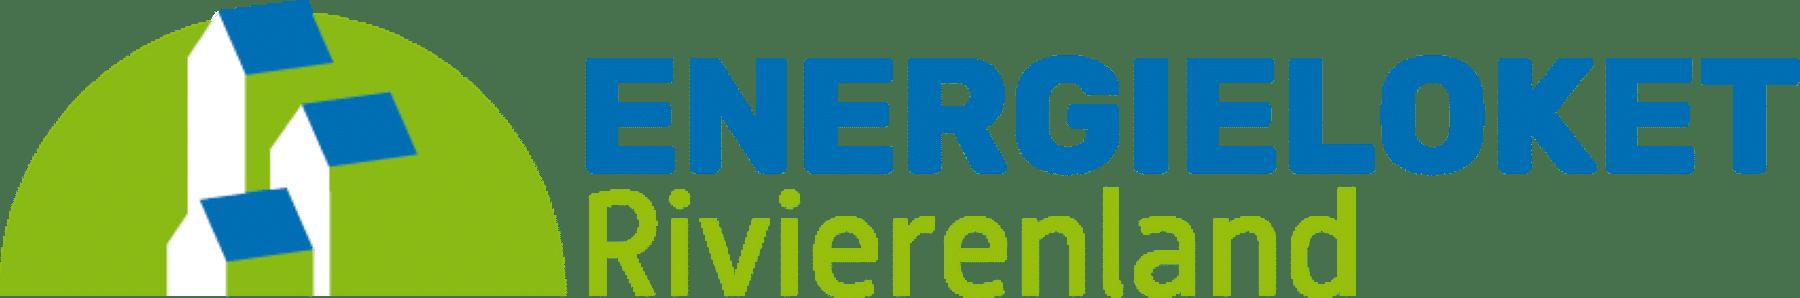 energieloket-rivierenland